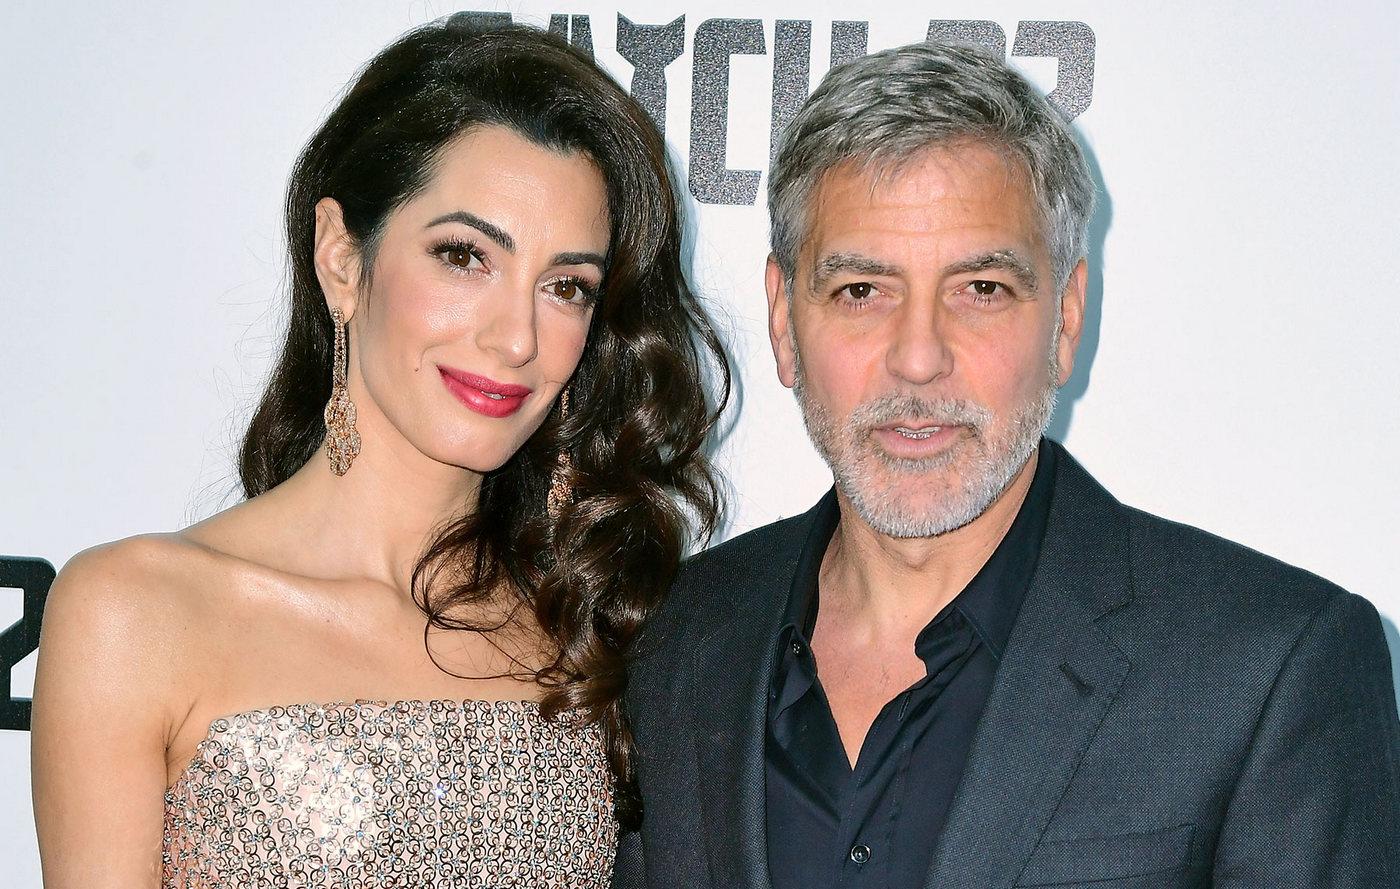 datation histoire George Clooney questions uniques à poser en ligne de rencontres